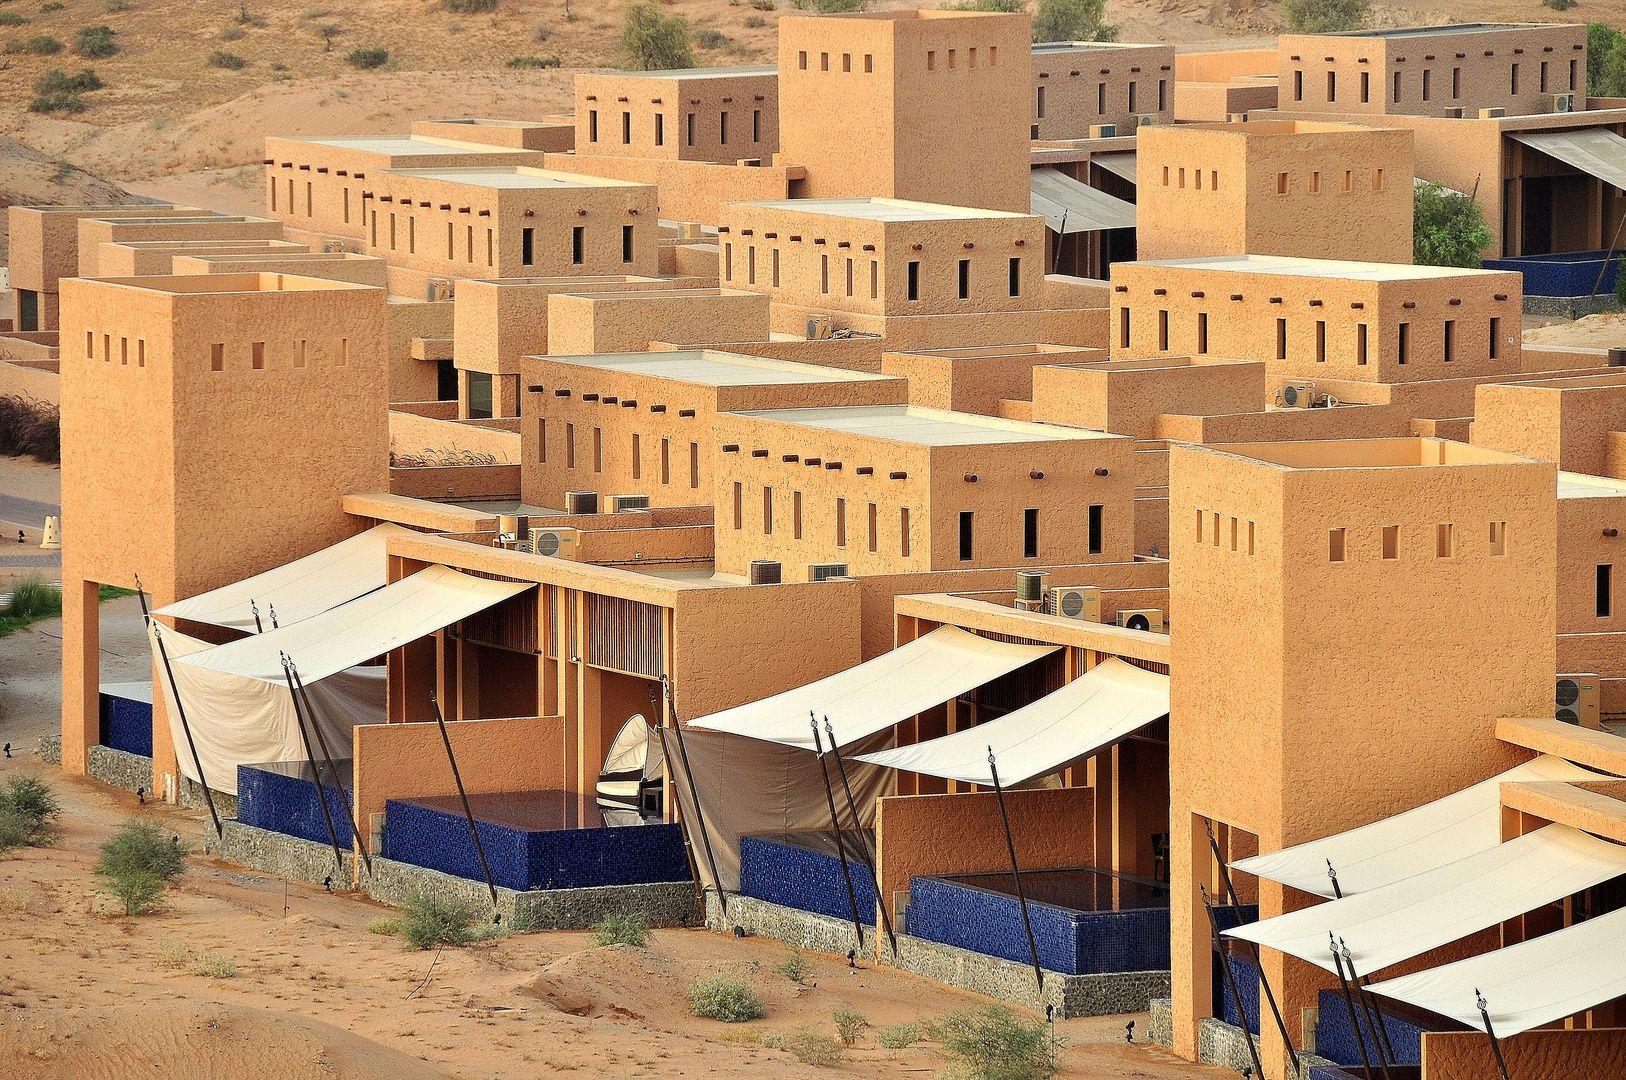 Banyan Tree Al Wadi Al Rimal Deluxe Pool Villa Complex E4640758 Fbbe 4dfd B797 F736bfe51411 Jpg 1626 1080 Islamic Architecture House Styles Architecture